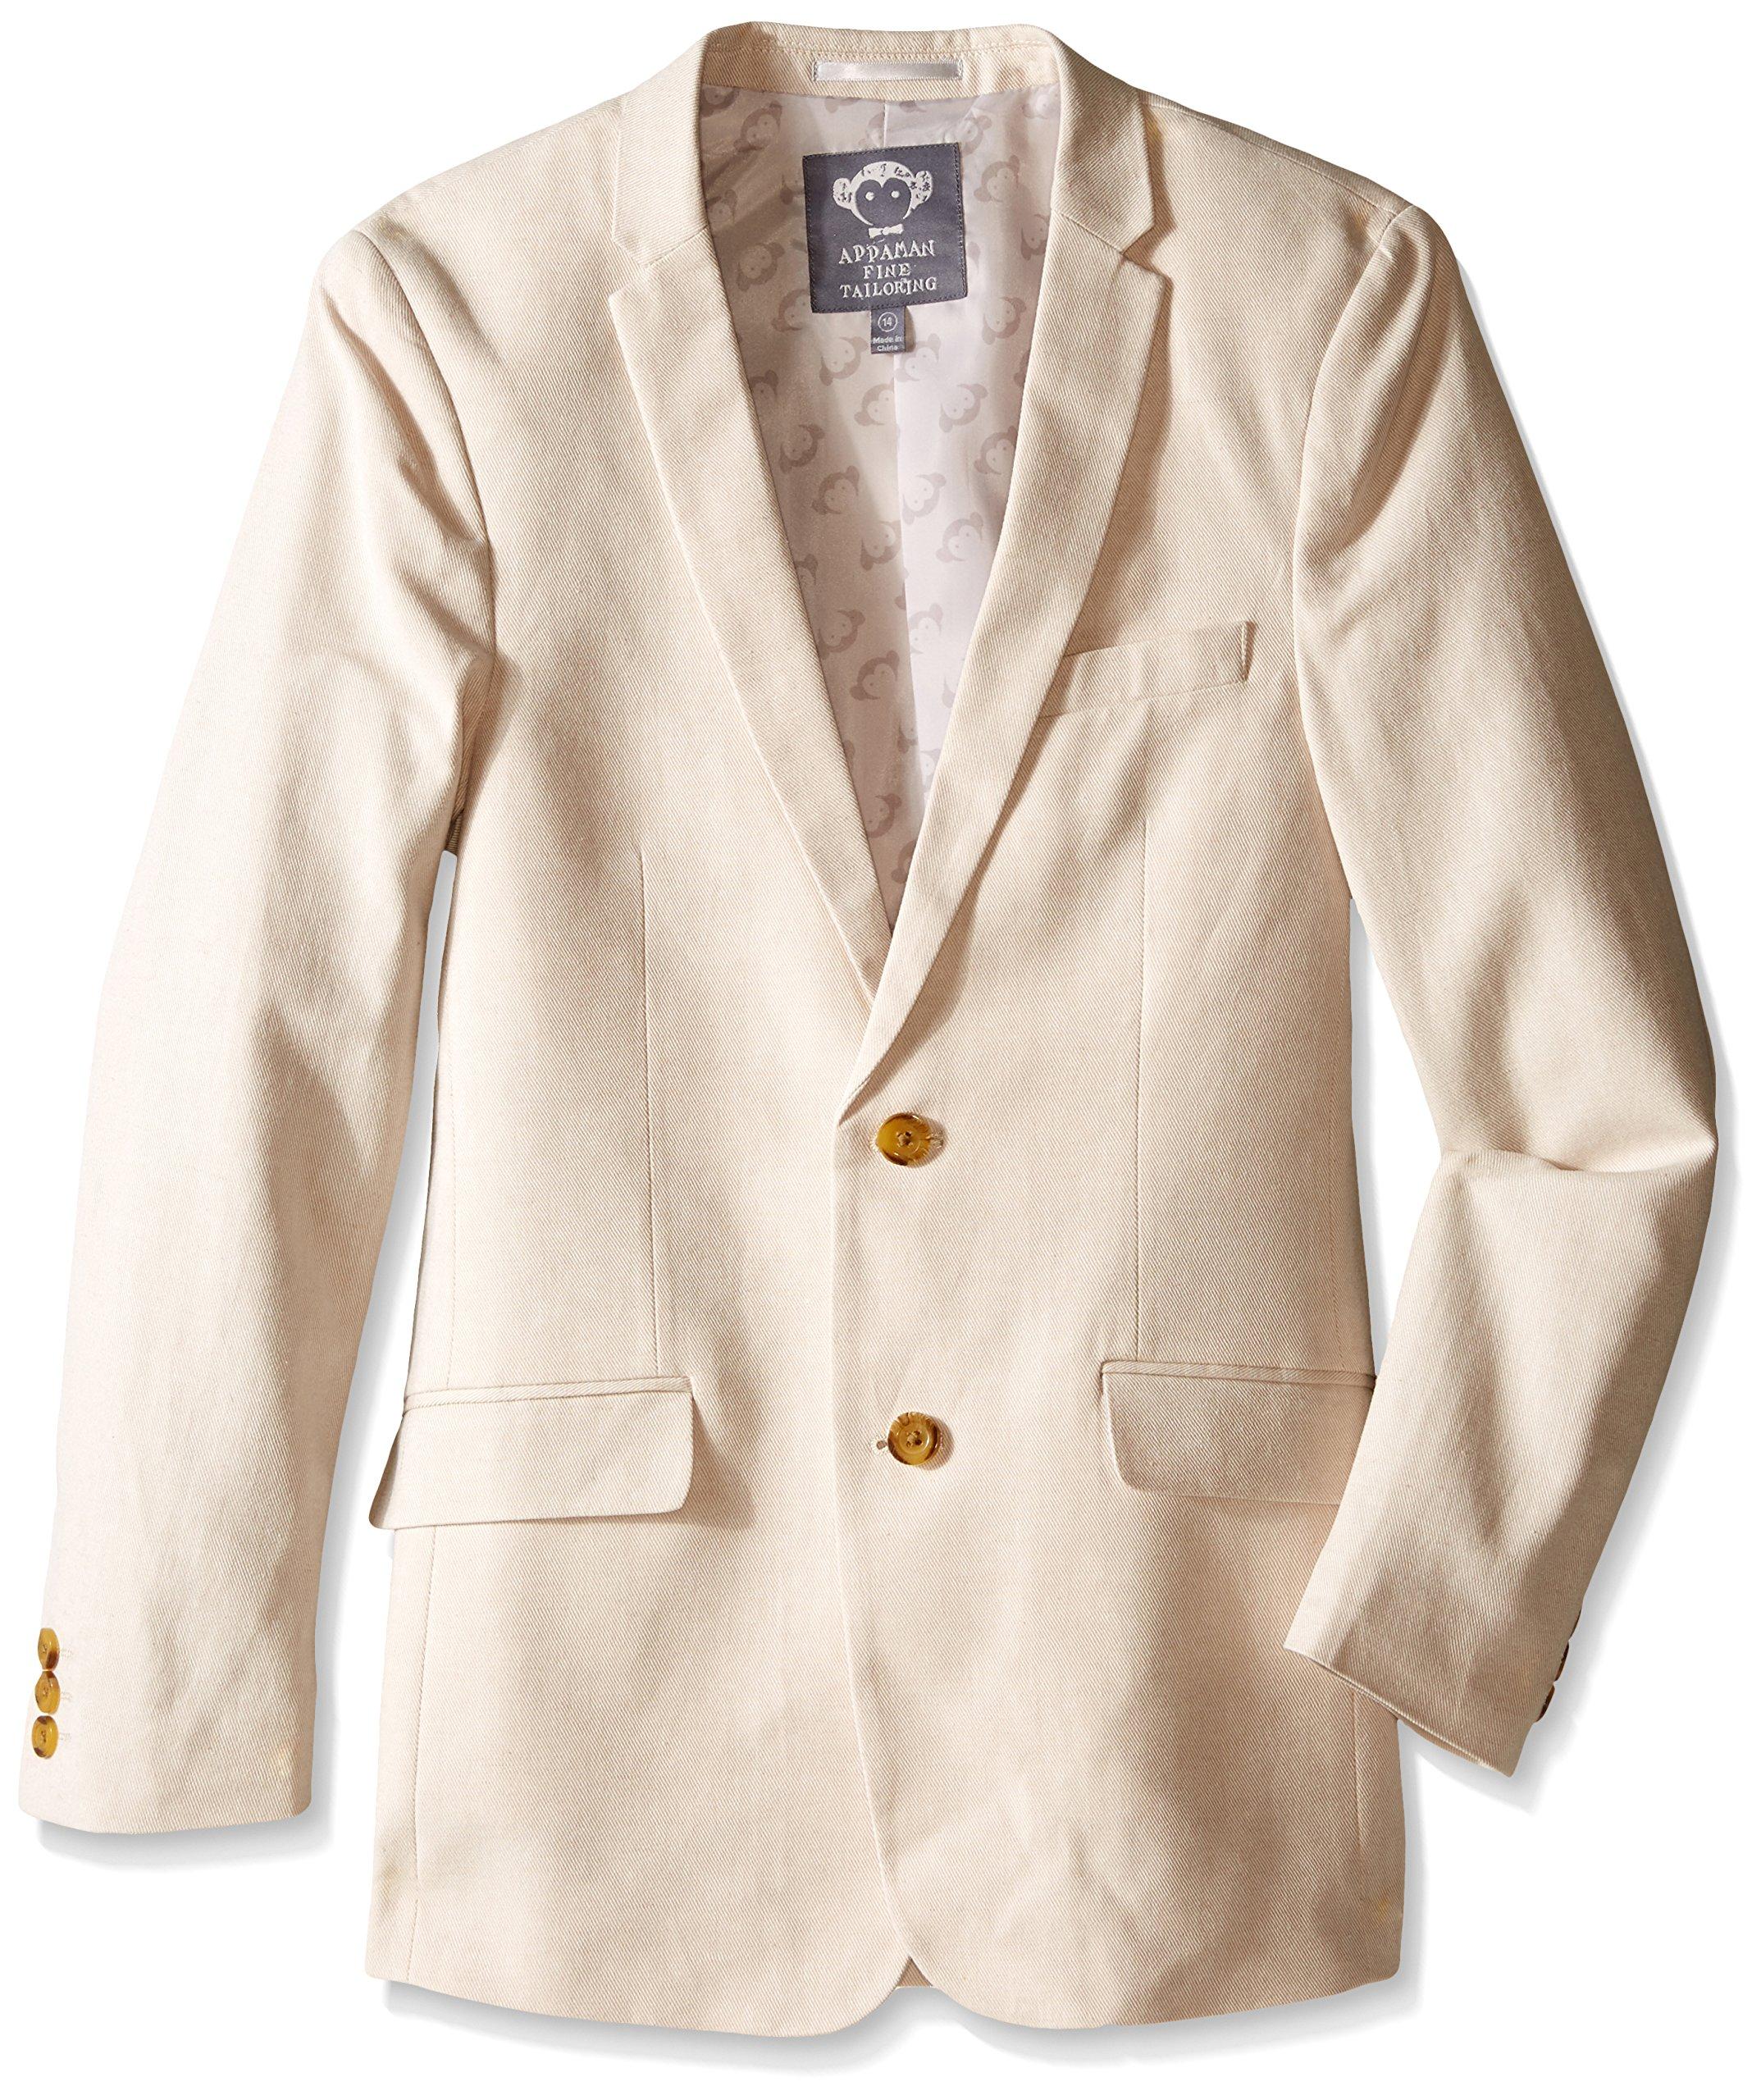 Appaman Big Boys' Tailoring Jacket, Sand, 10